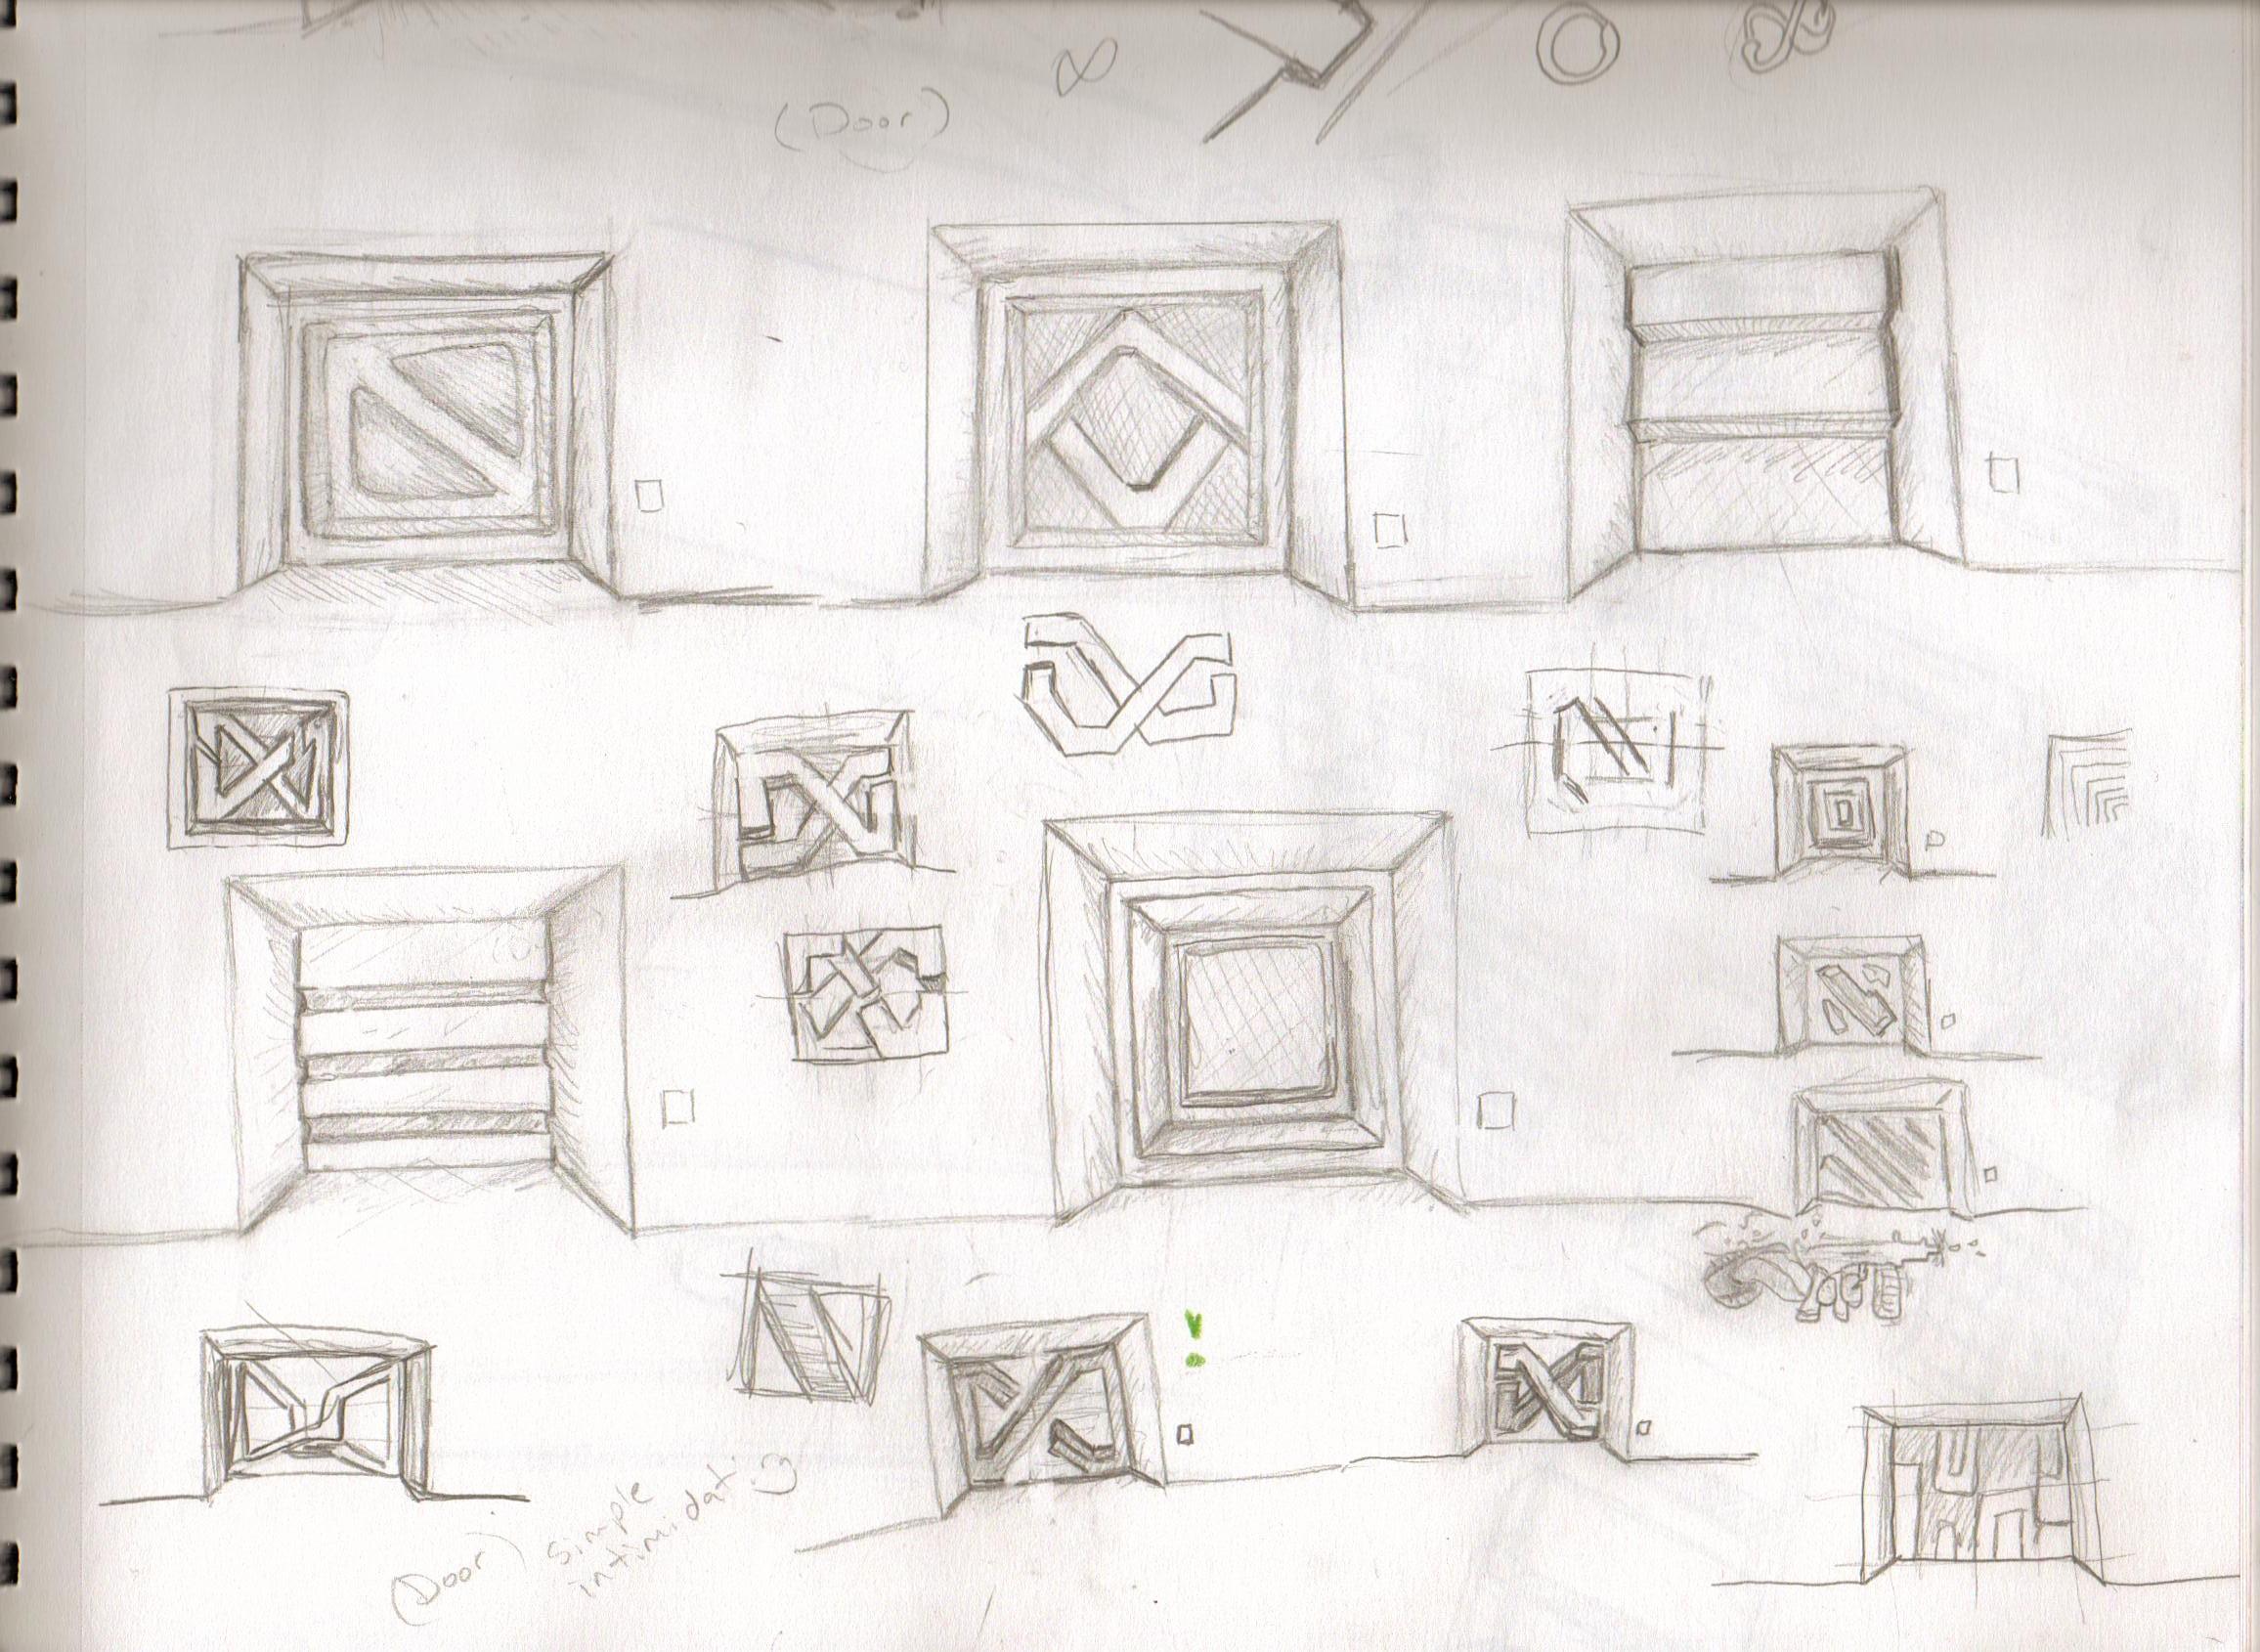 Door concepts 1